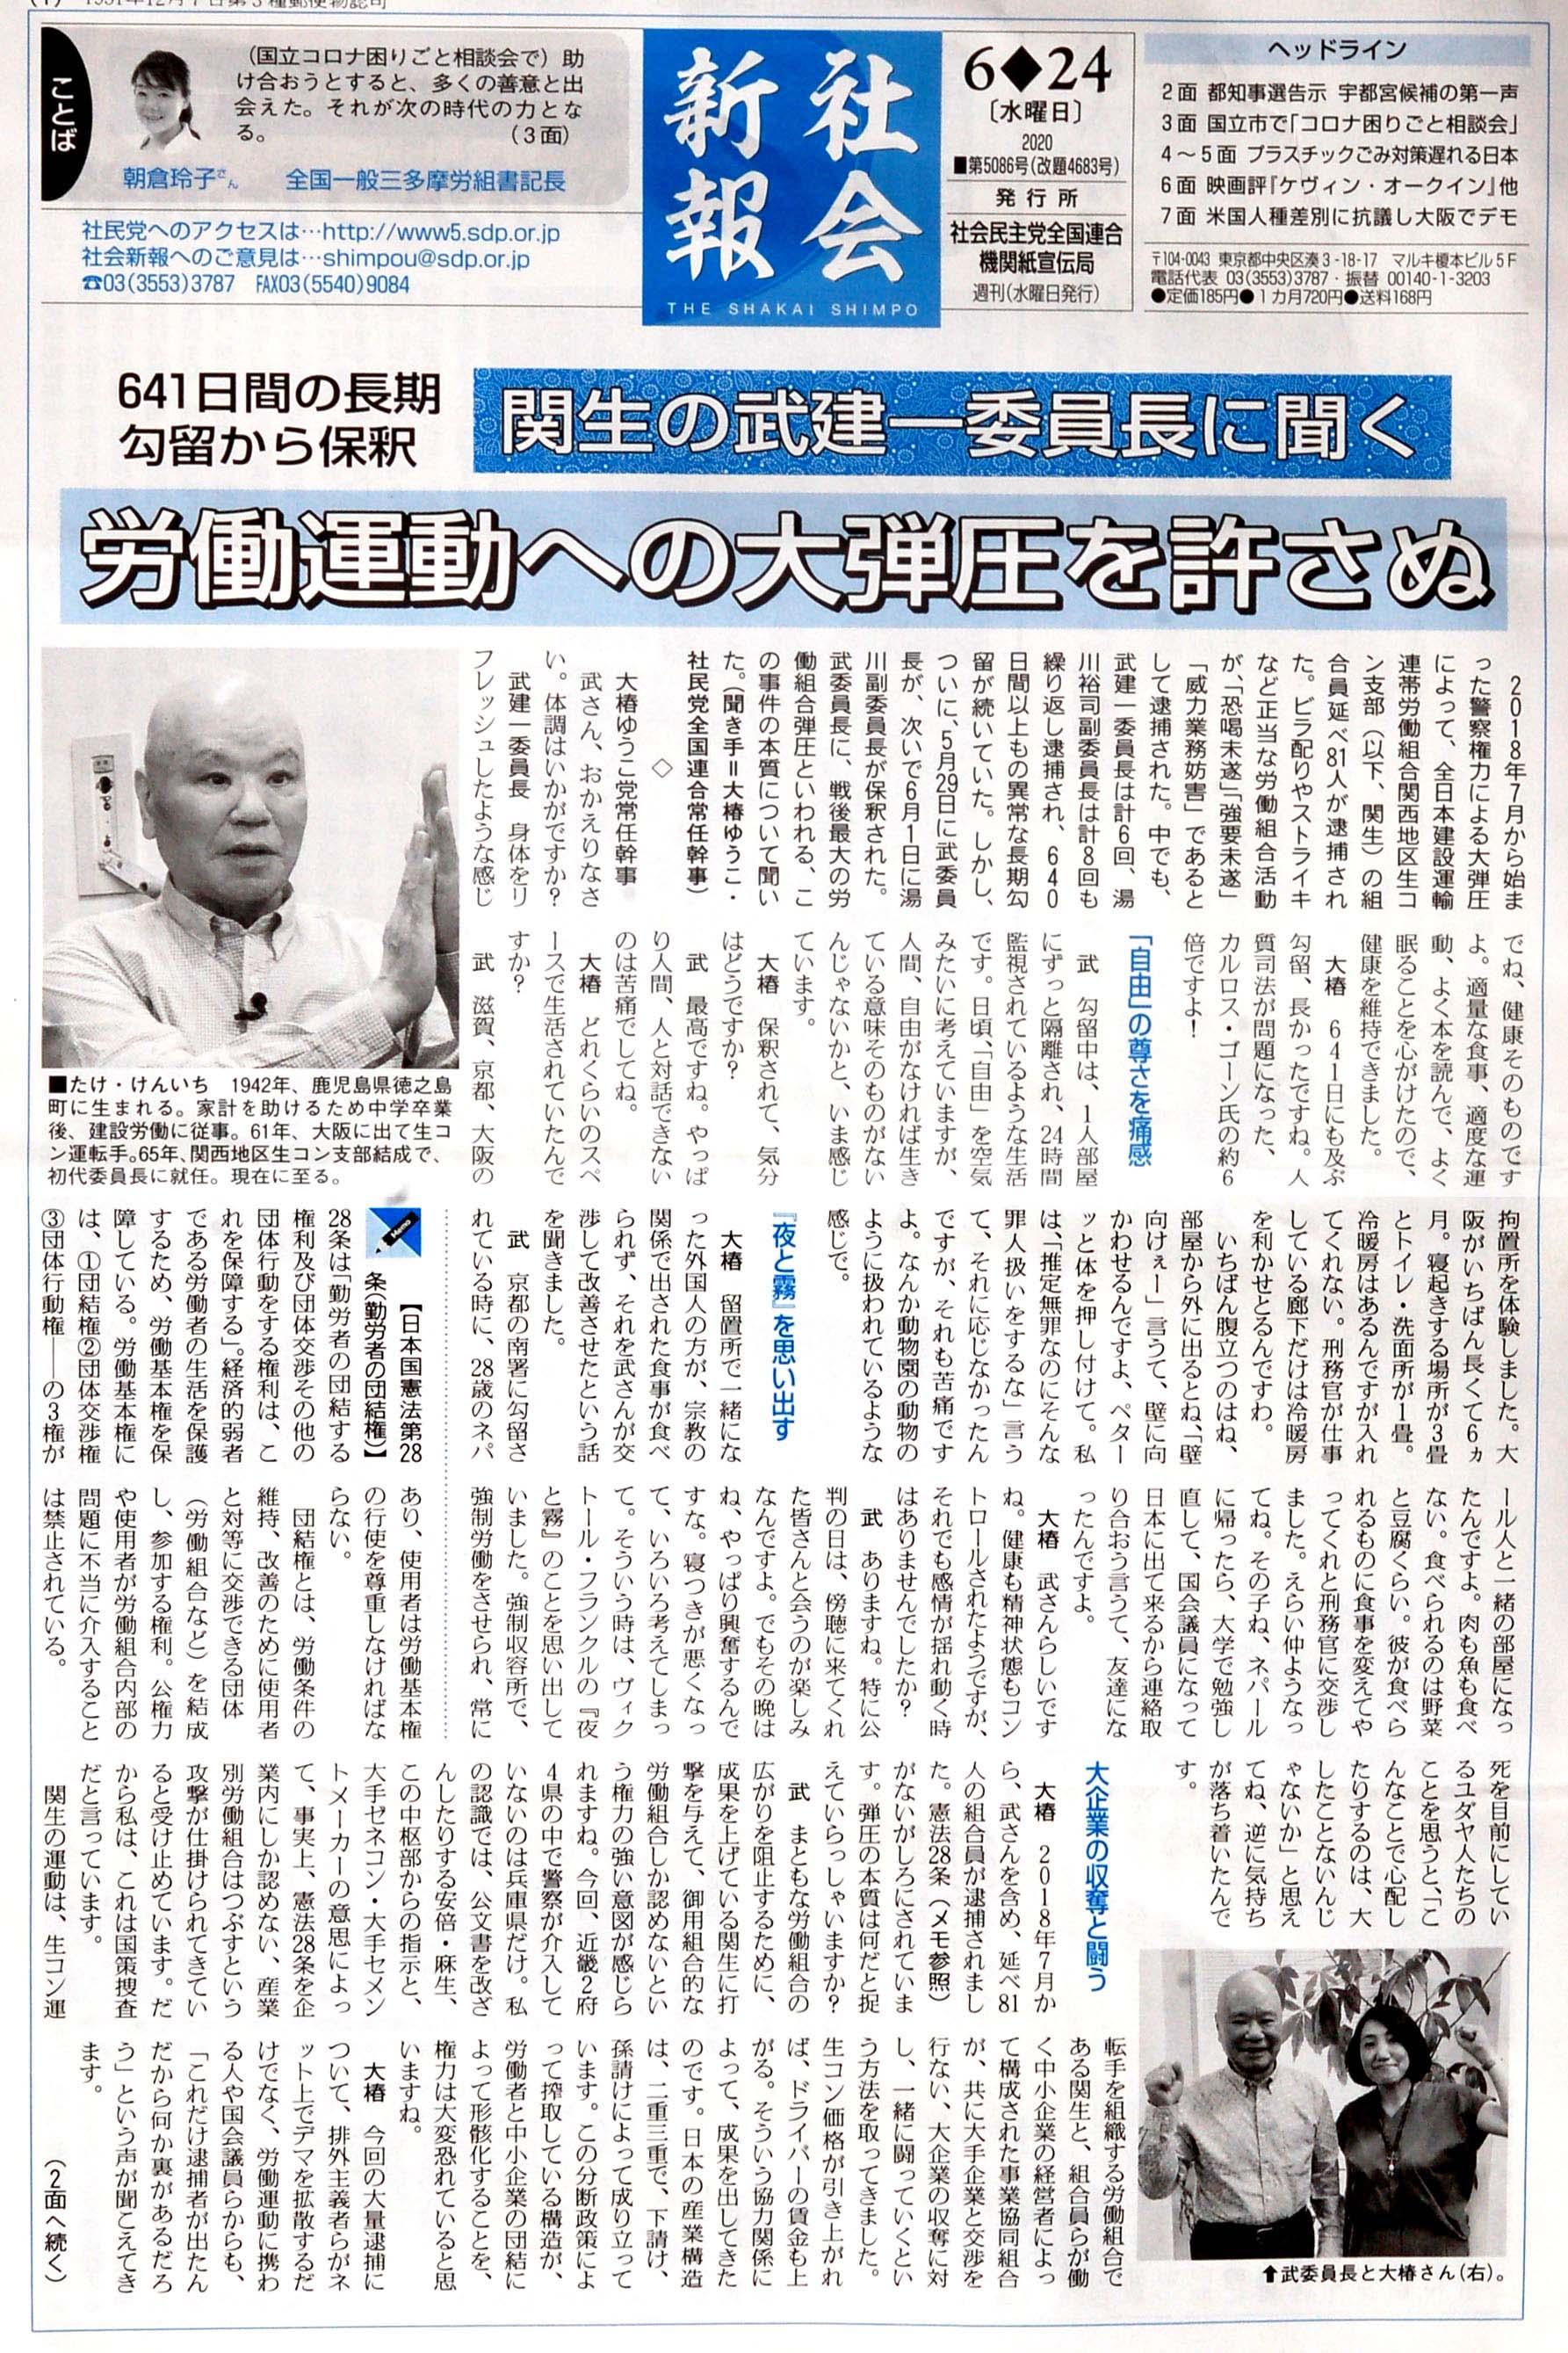 shakaishinpo200624top-r.jpg